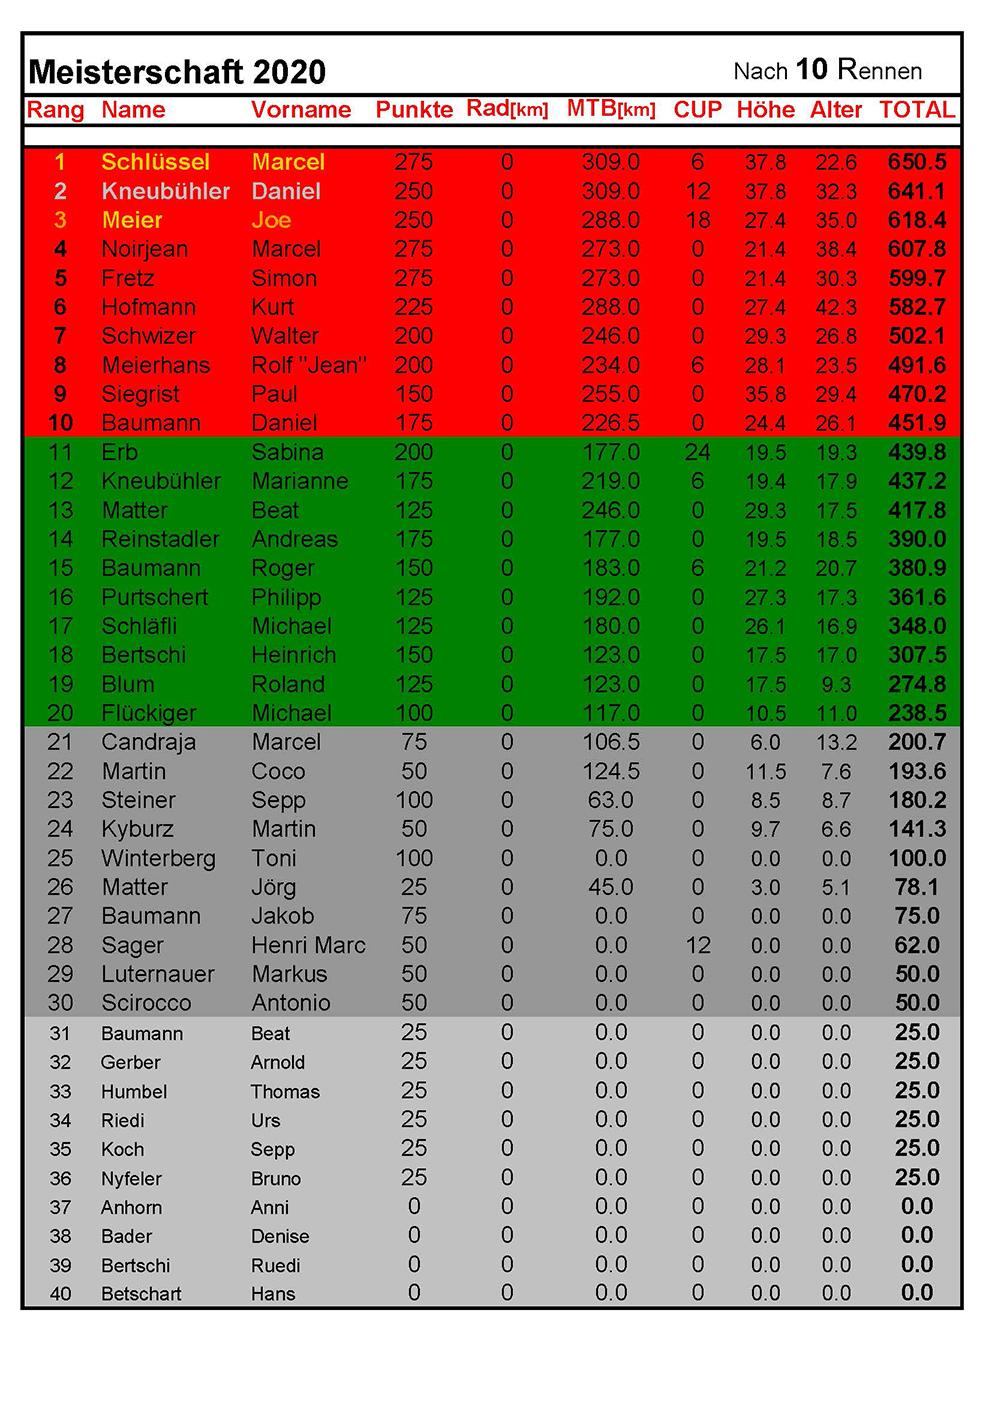 Rangliste2020 - nach 10Rennen